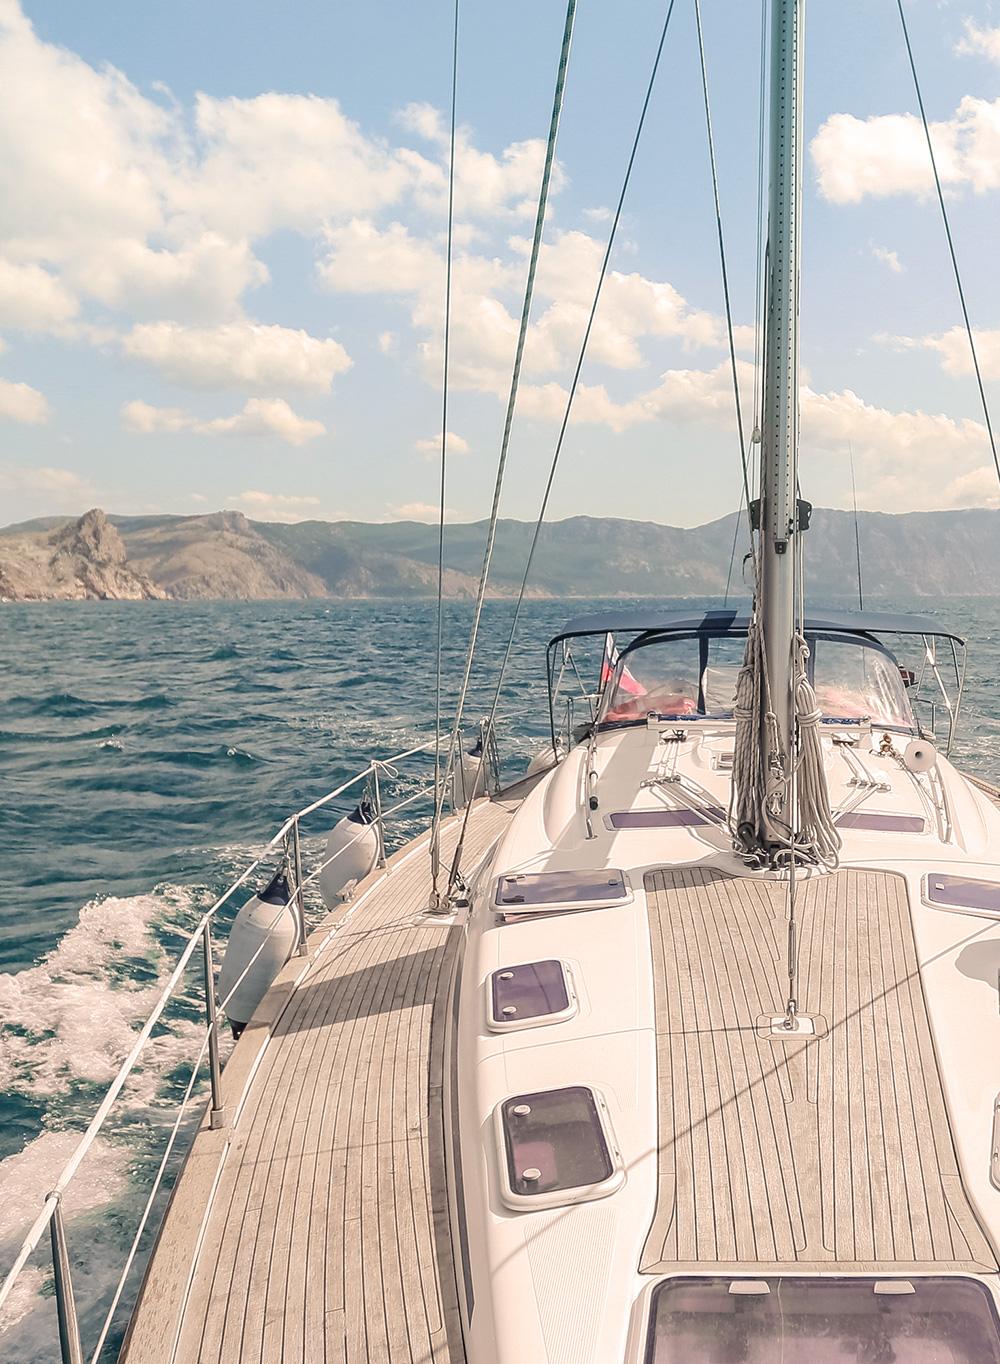 Abencys área de derecho marítimo